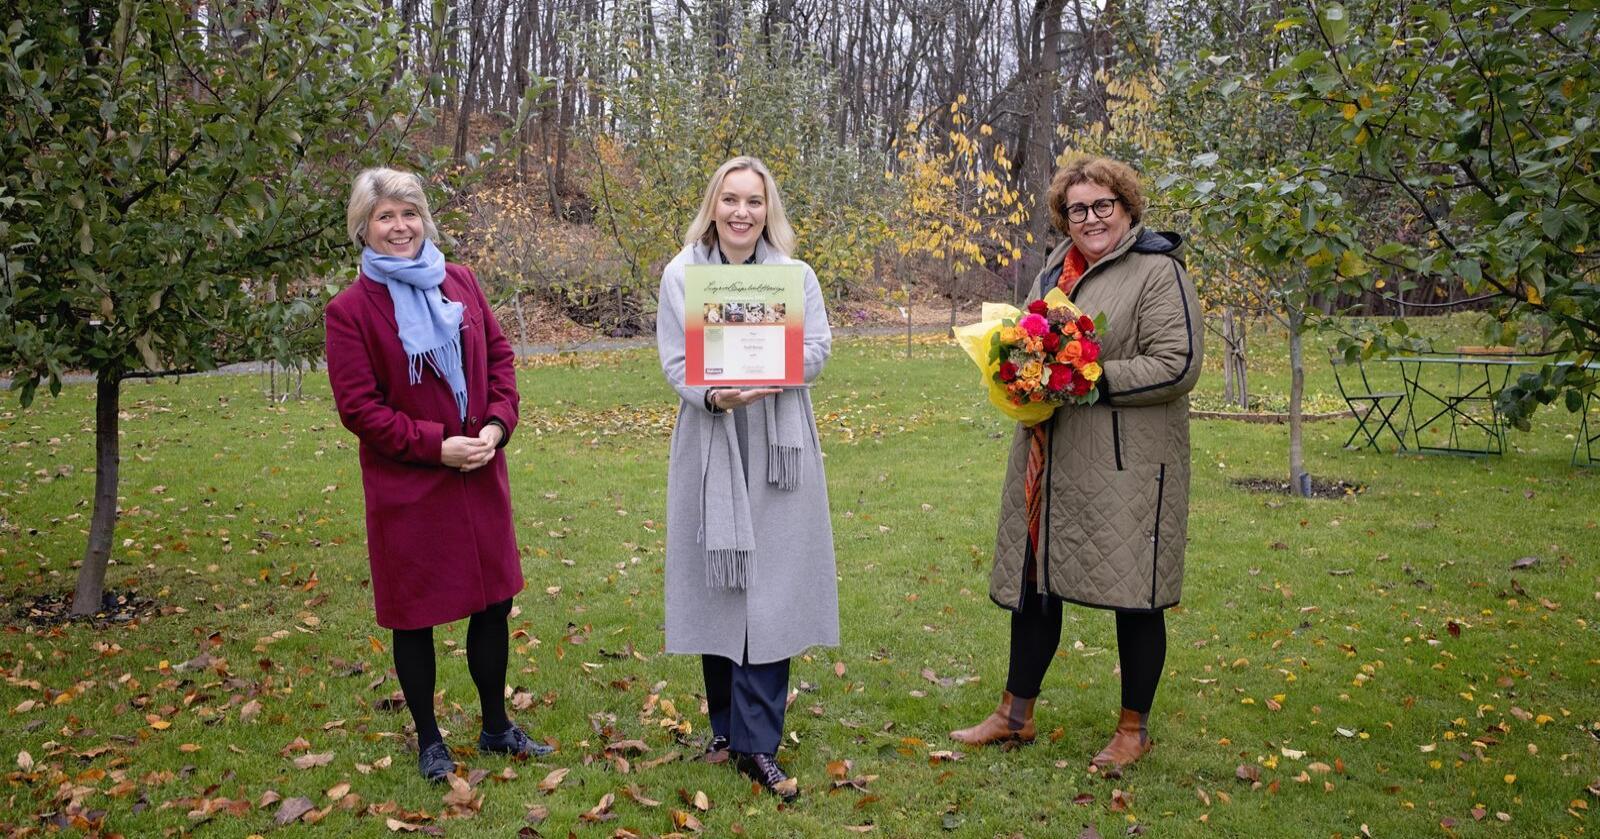 Prisvinner Torill Renaa sammen med Nina Sundqvist, adm direktør i Matmerk (t.v.) og statsråd Olaug Bollestad. Foto: Matmerk